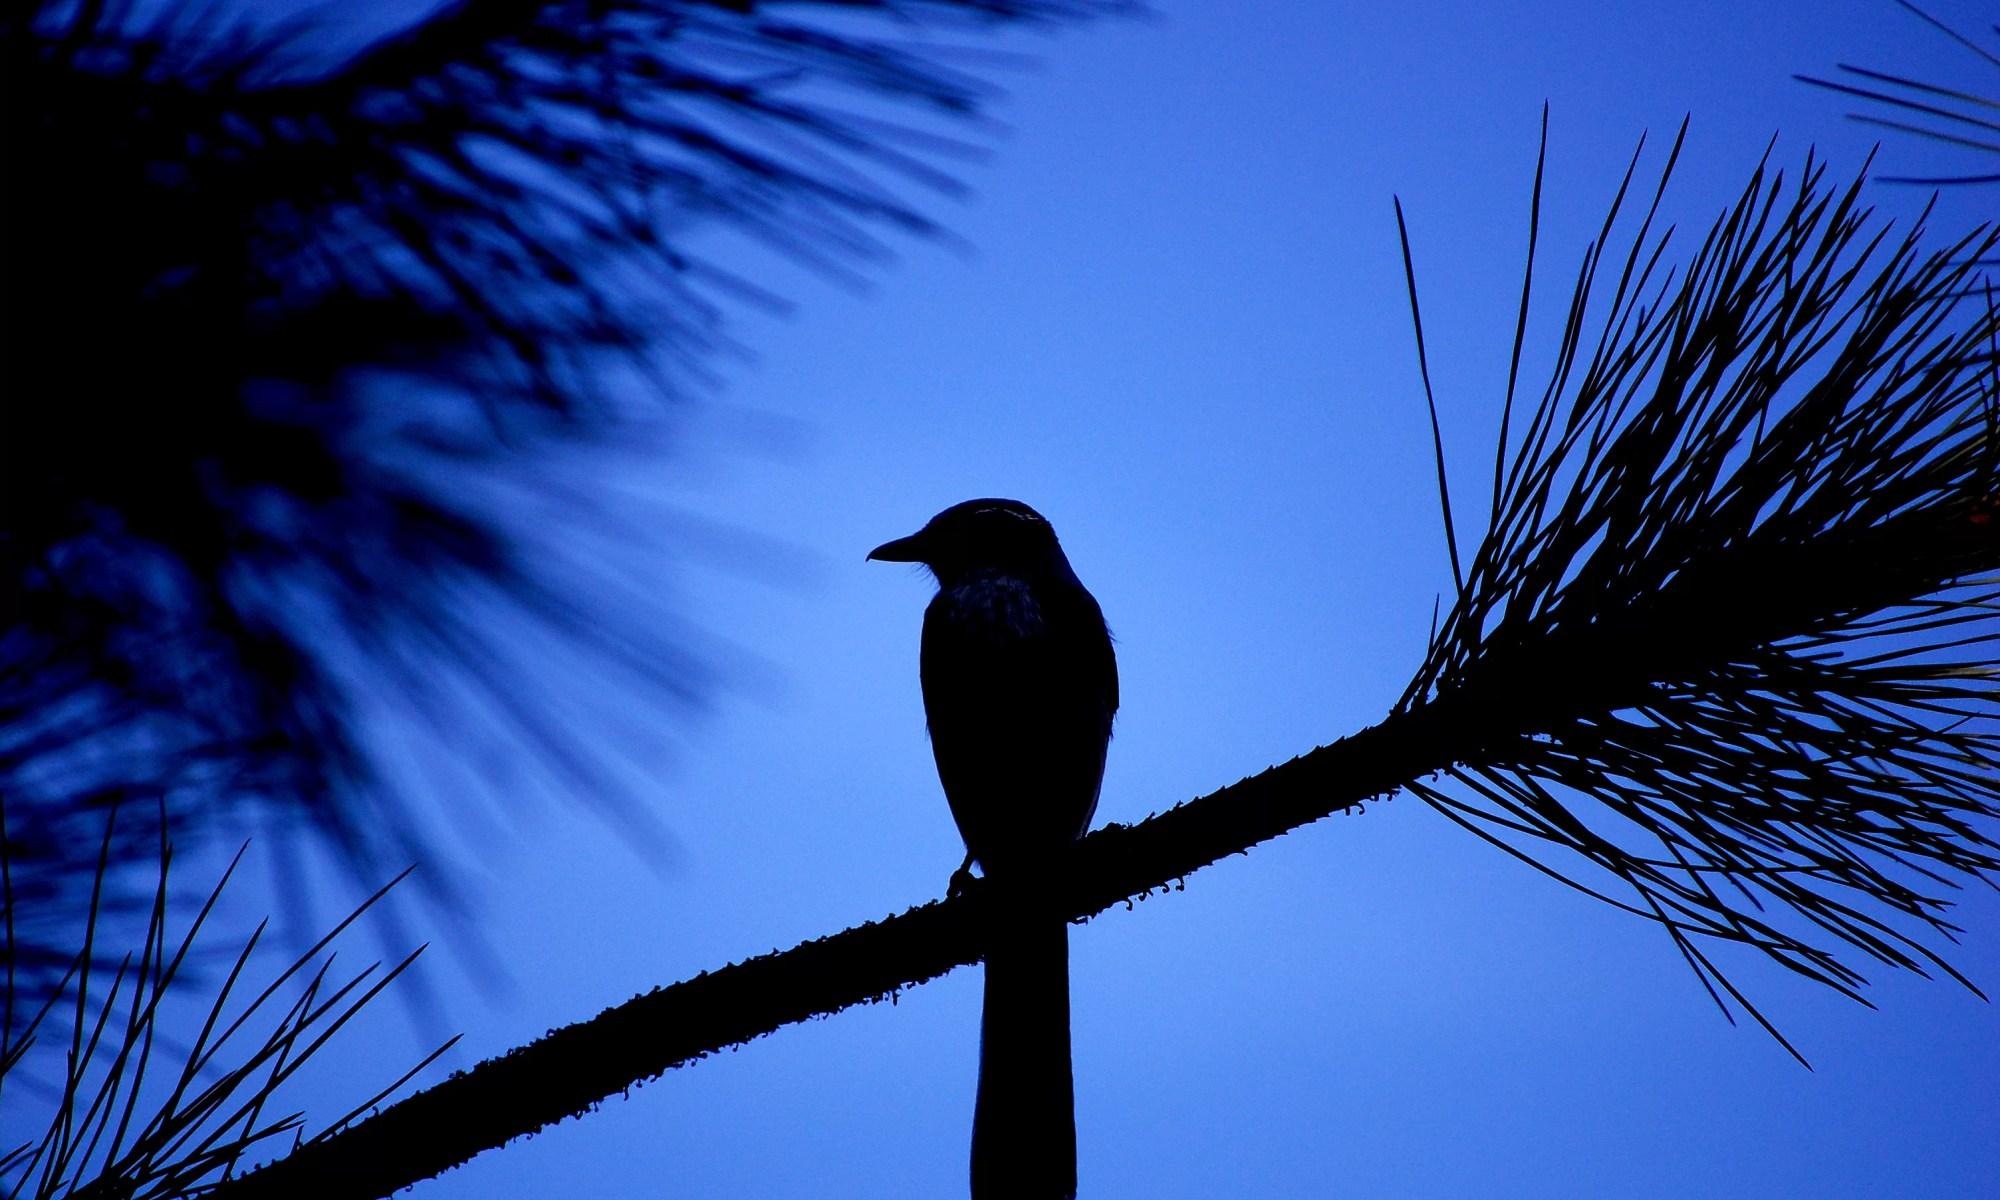 Blue + Bird by John Verive